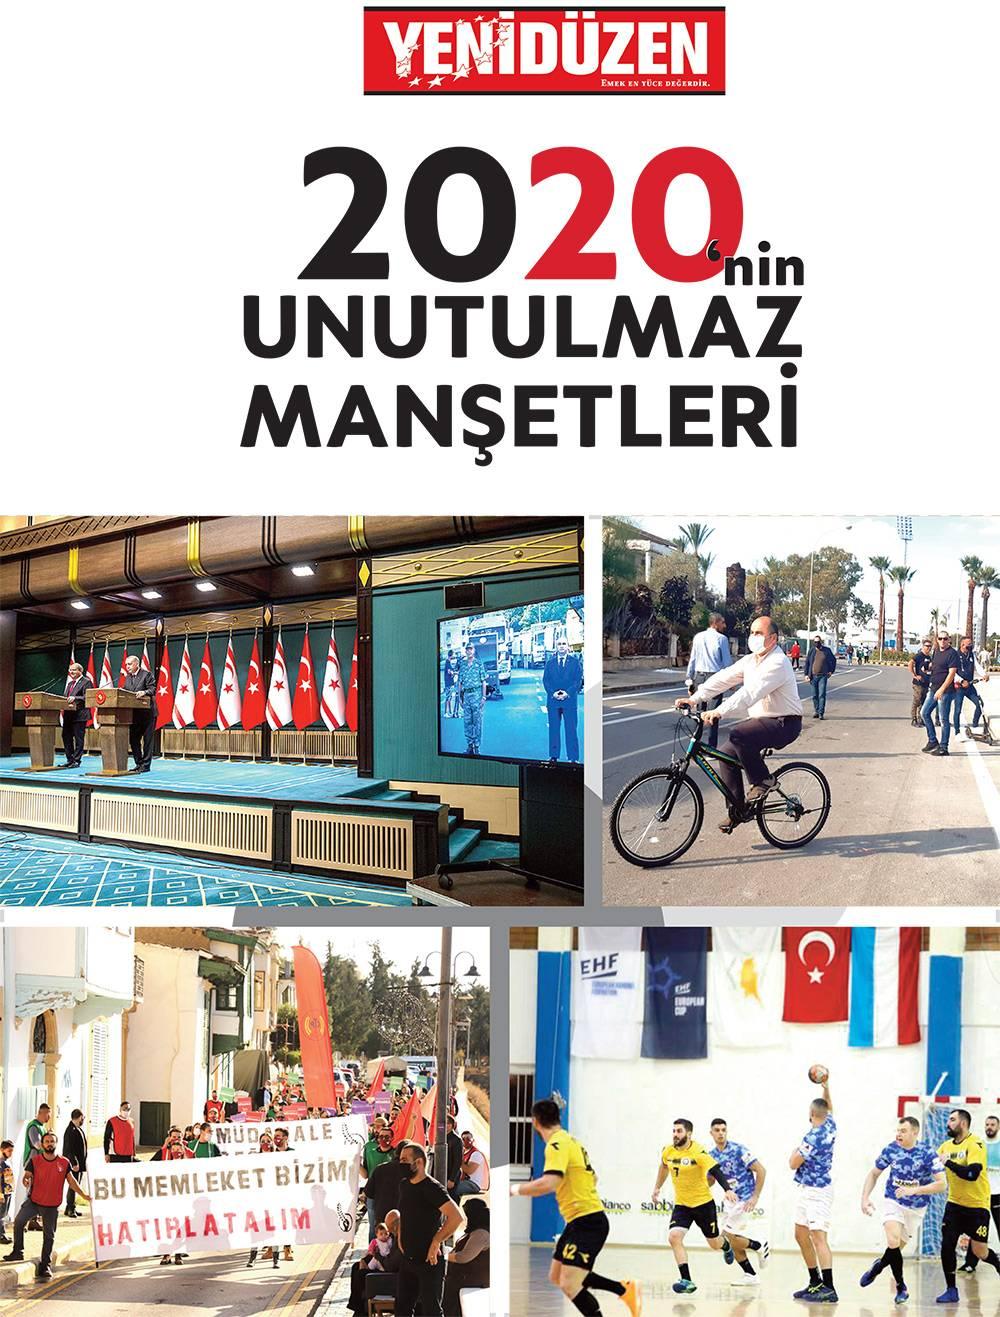 2020'nin UNUTULMAZ MANŞETLERİ 1